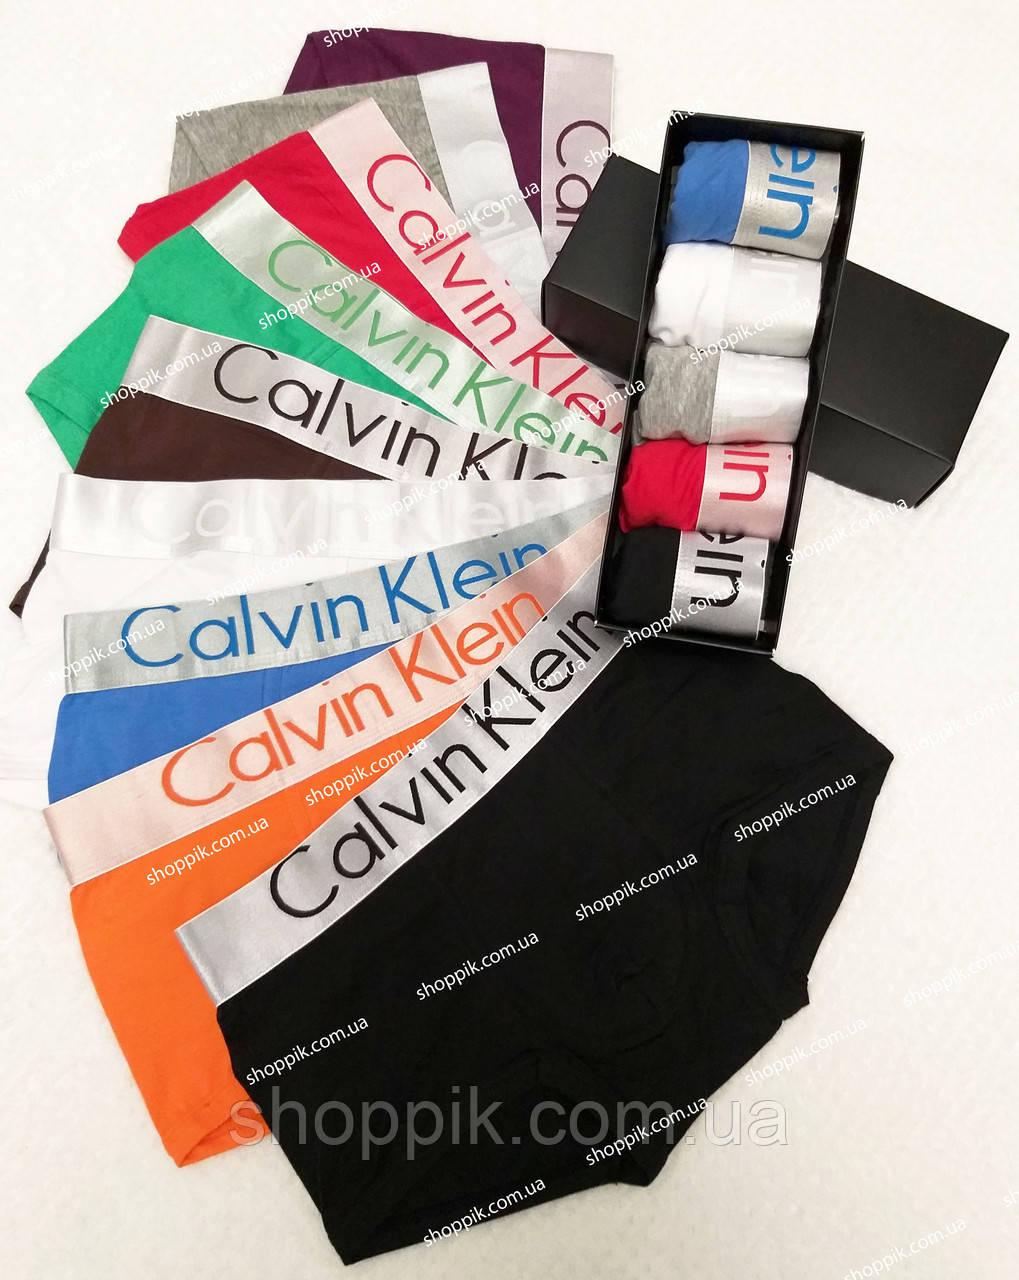 Мужские трусы Calvin Klein Steel 5 штук  в фирменных упаковке | Набор трусов | Реплика